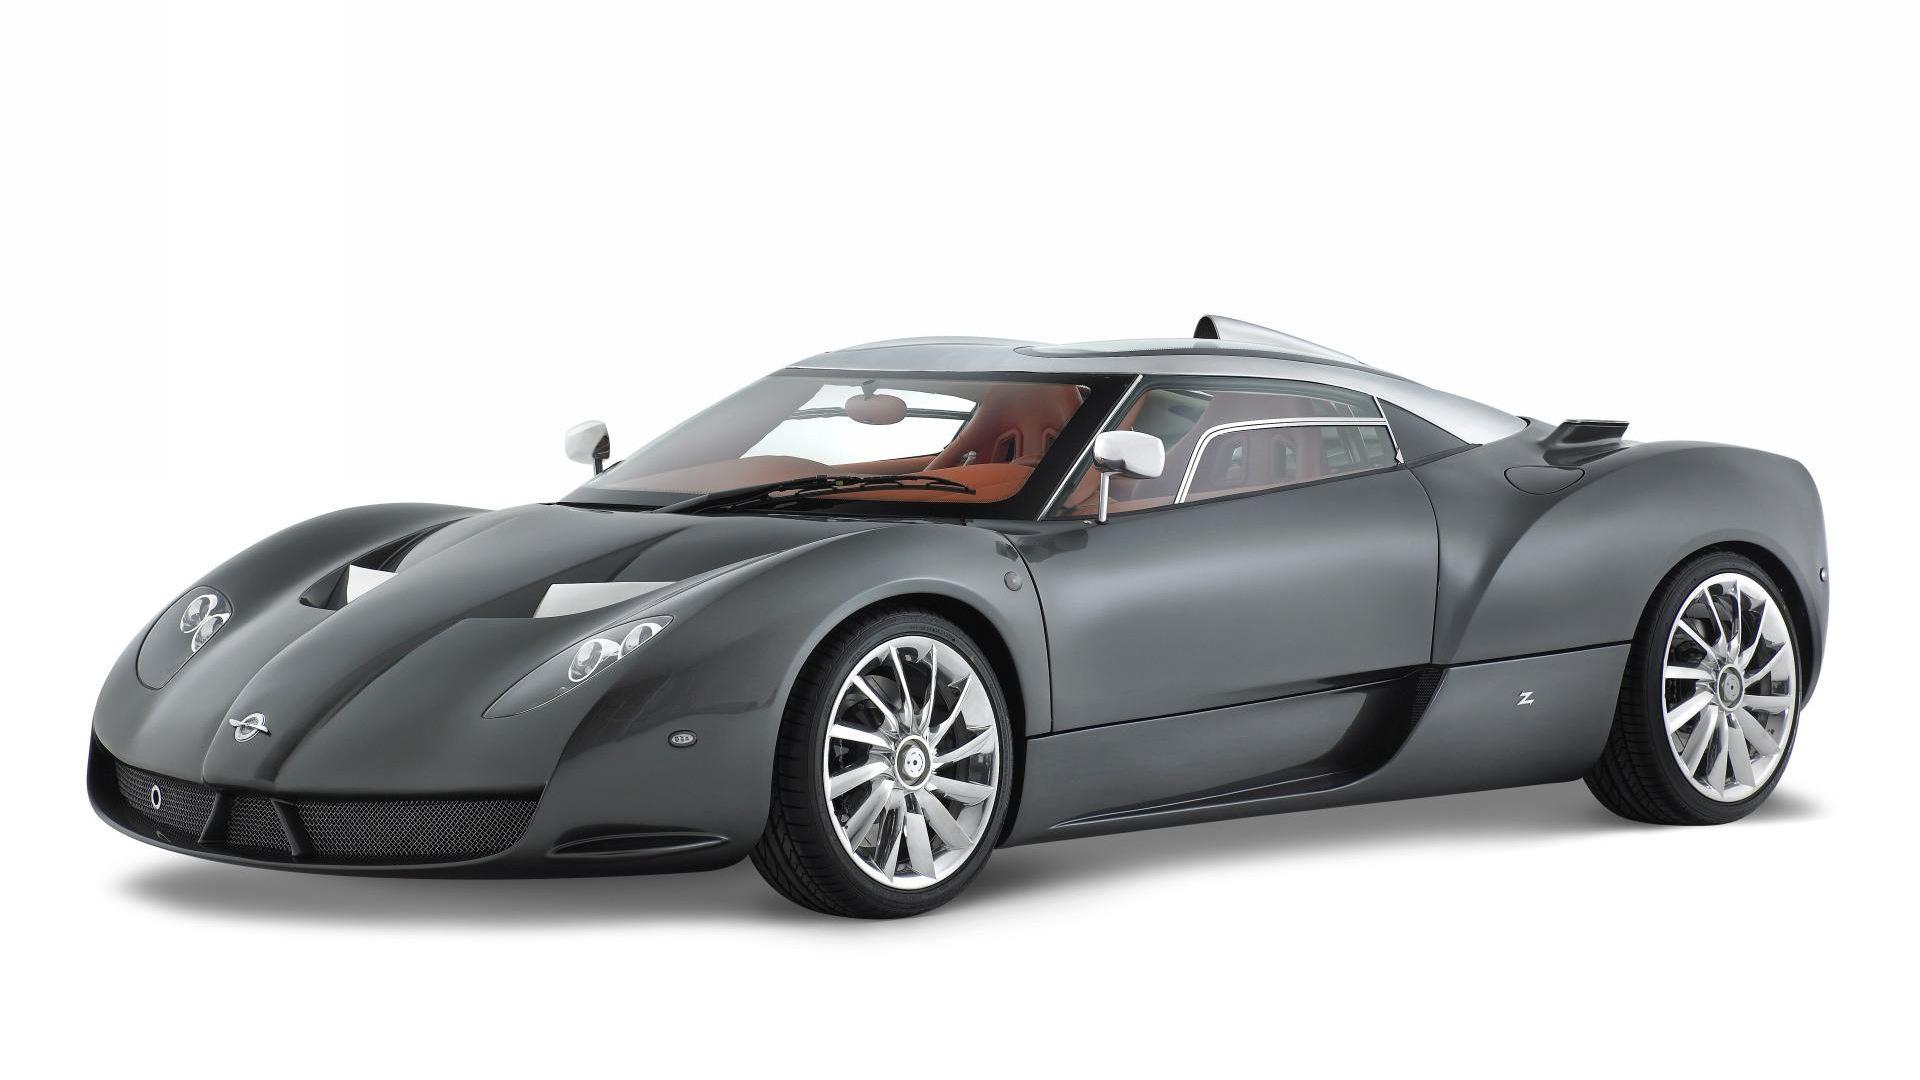 Spyker C12 Zagato concept